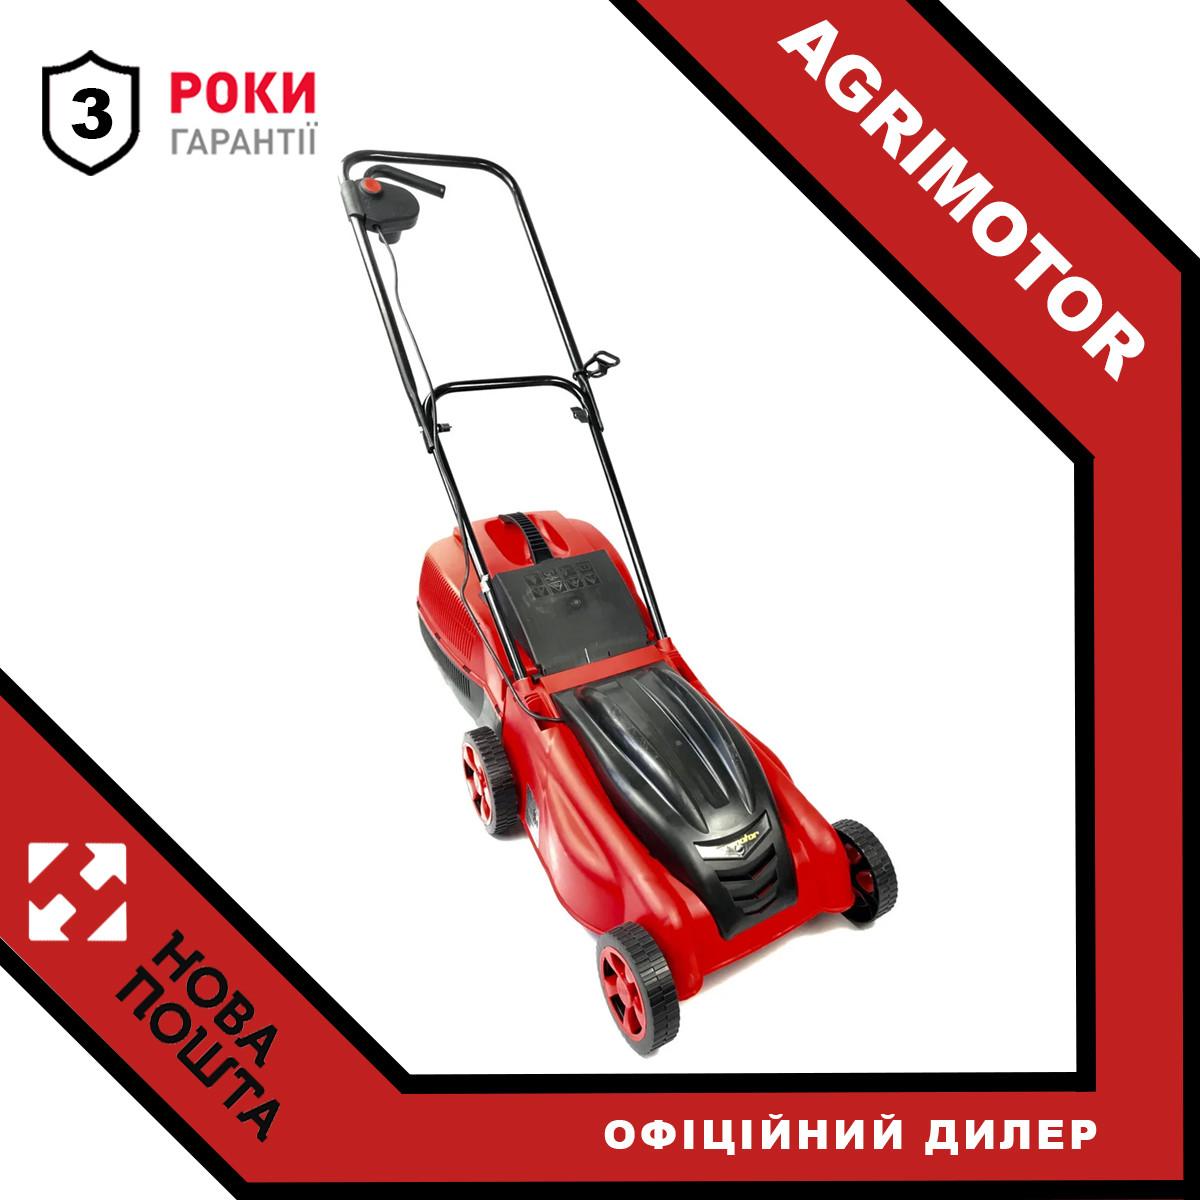 Газонокосилка электрическая Agrimotor 1300W (FM3813)